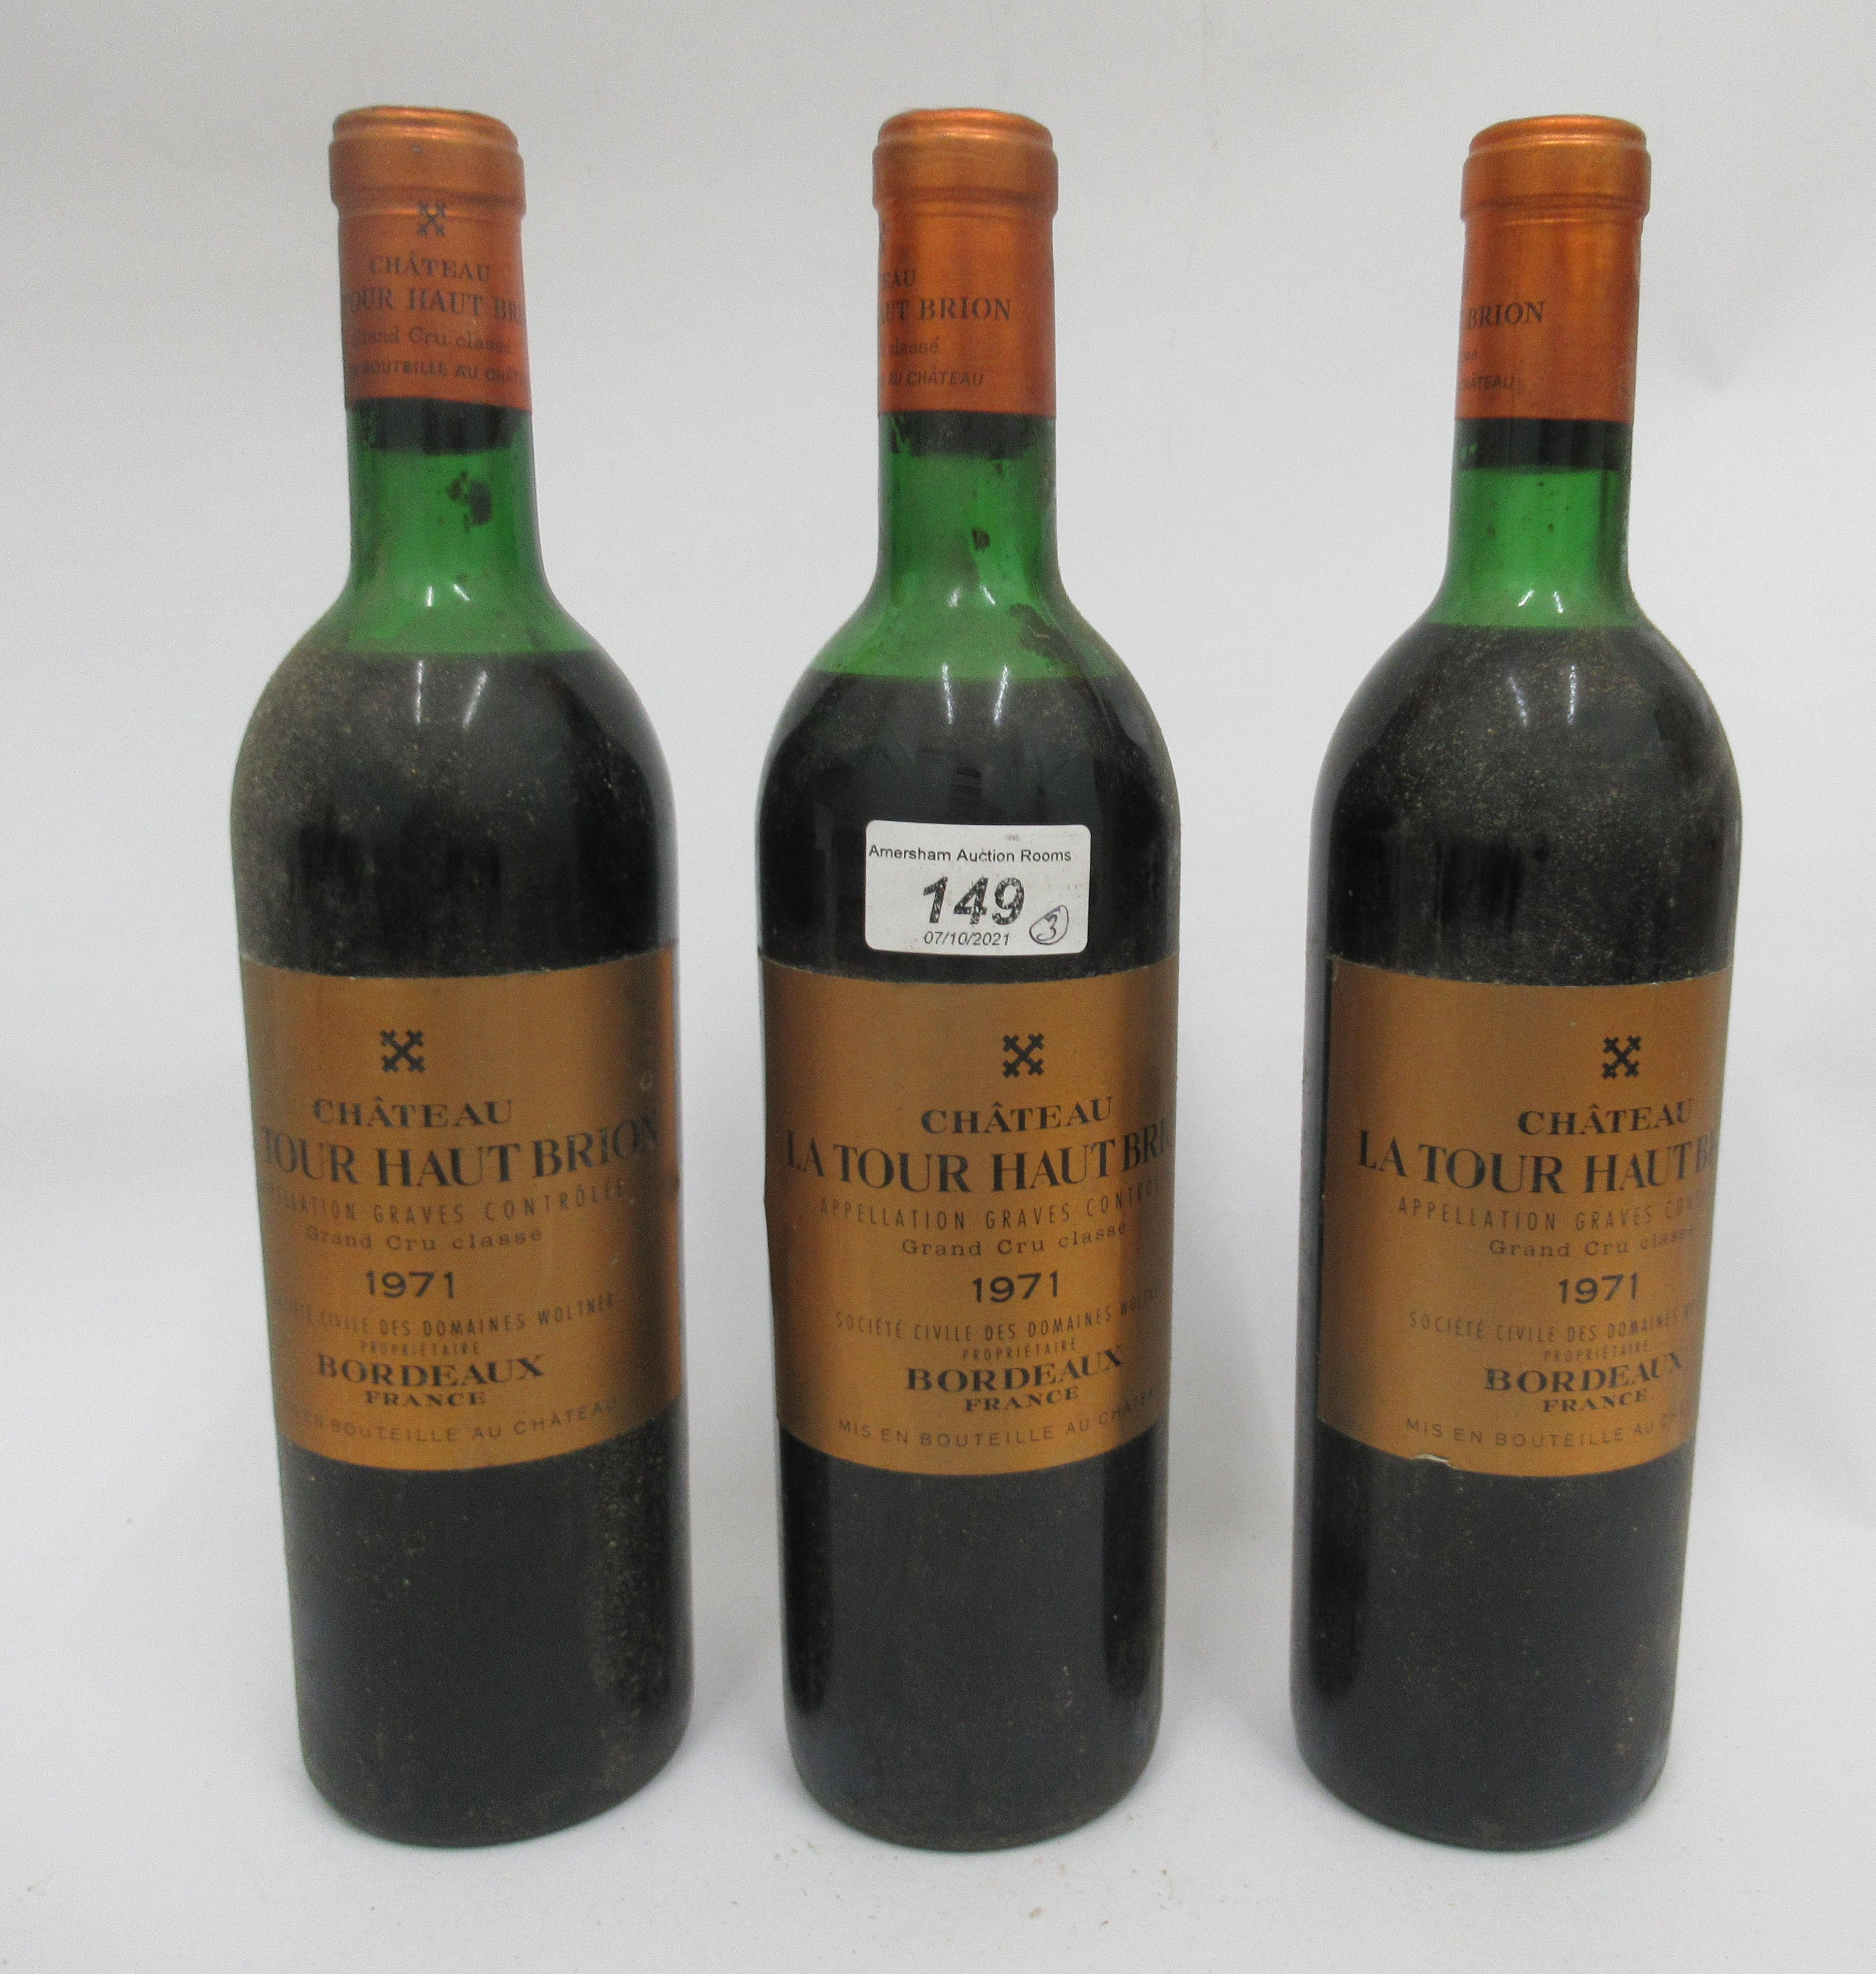 Wine, three bottles of 1971 Chateau La Tour Haut Brion